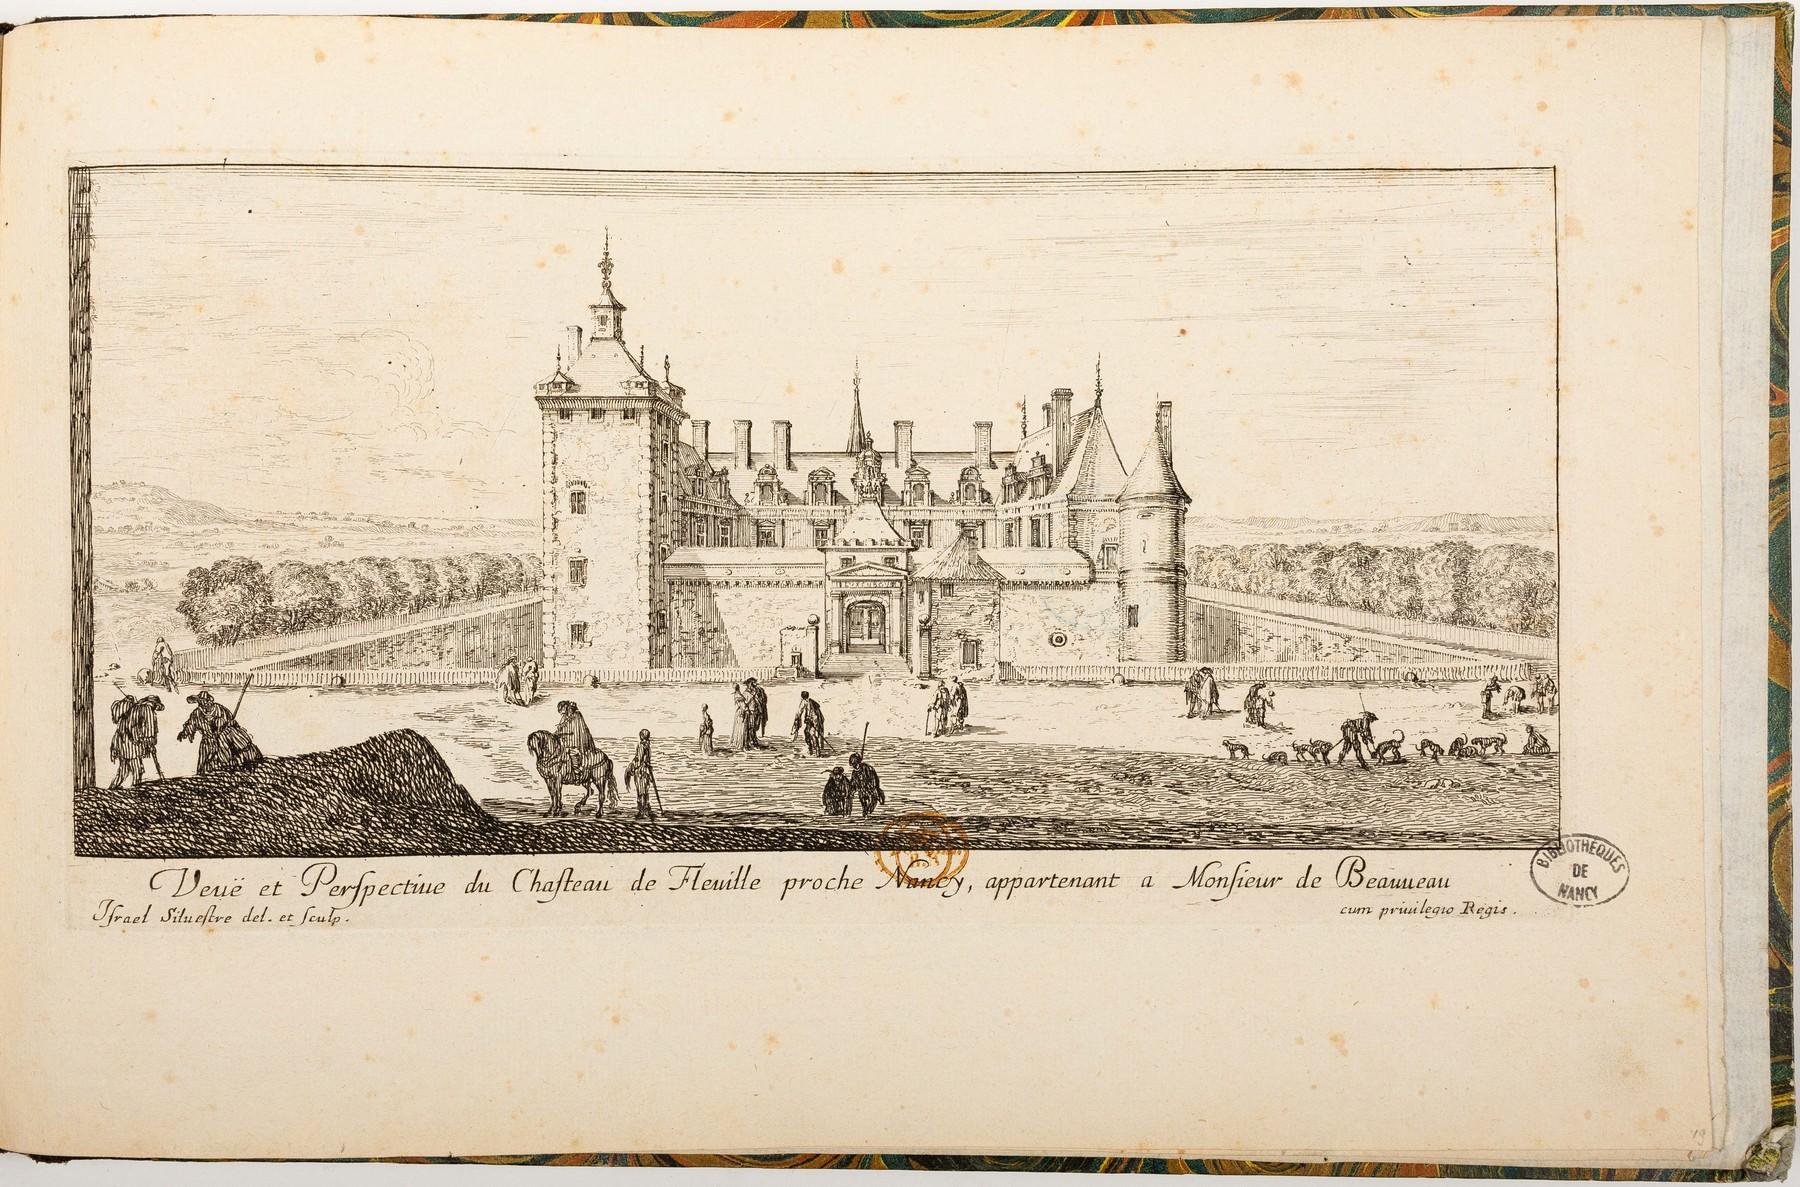 Contenu du Veuë et Perspective du Chasteau de Fleville proche Nancy, appartenant a Monsieur de Beauveau